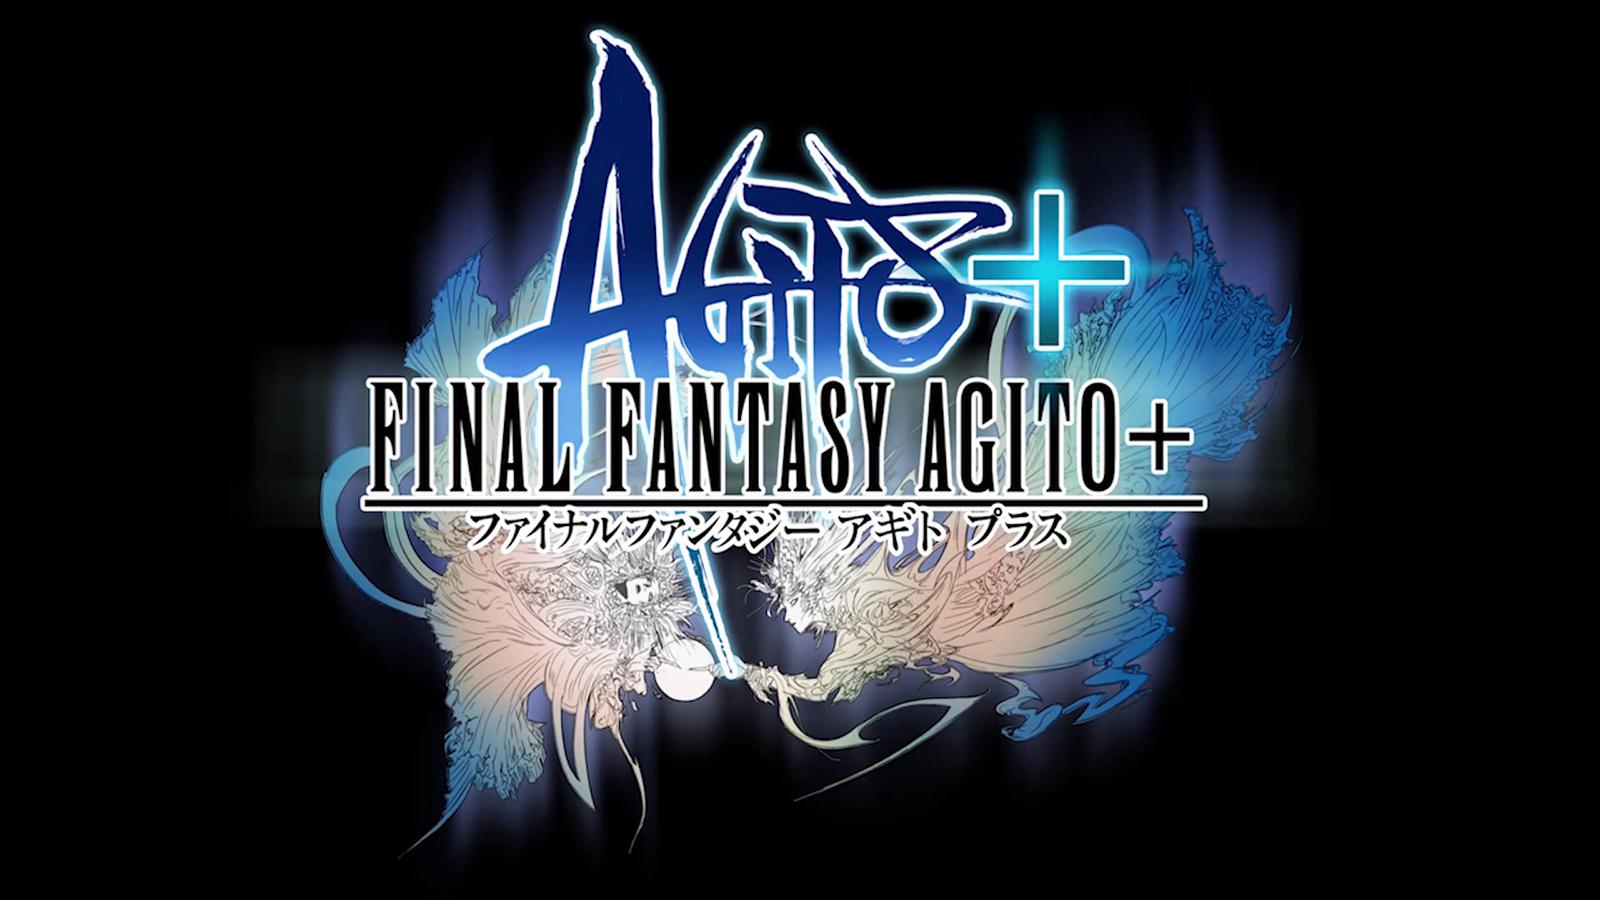 Final Fantasy Agito Plus